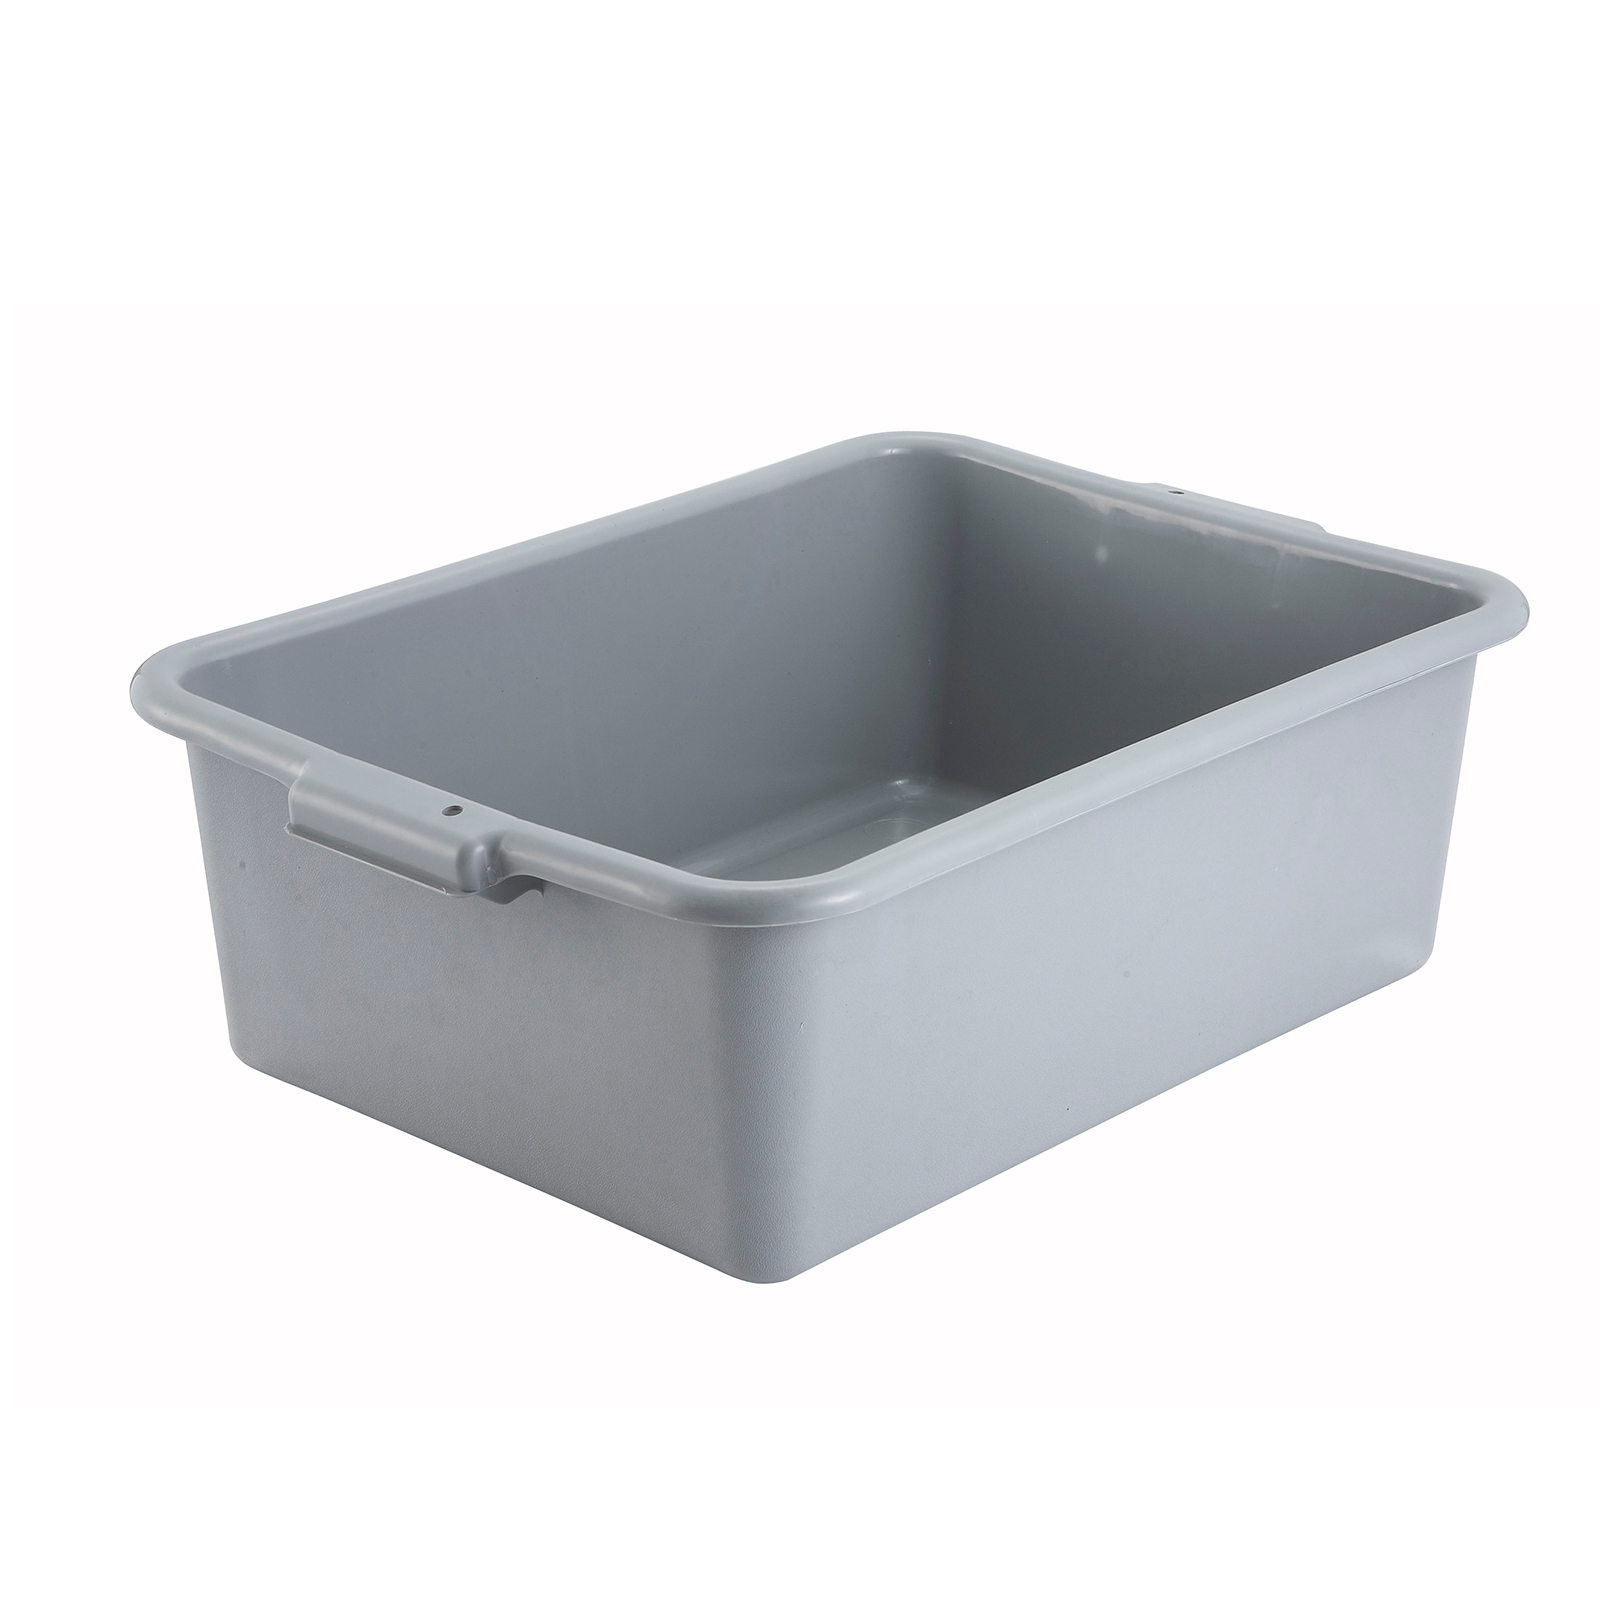 2950-11 Winco PL-7G bus box / tub